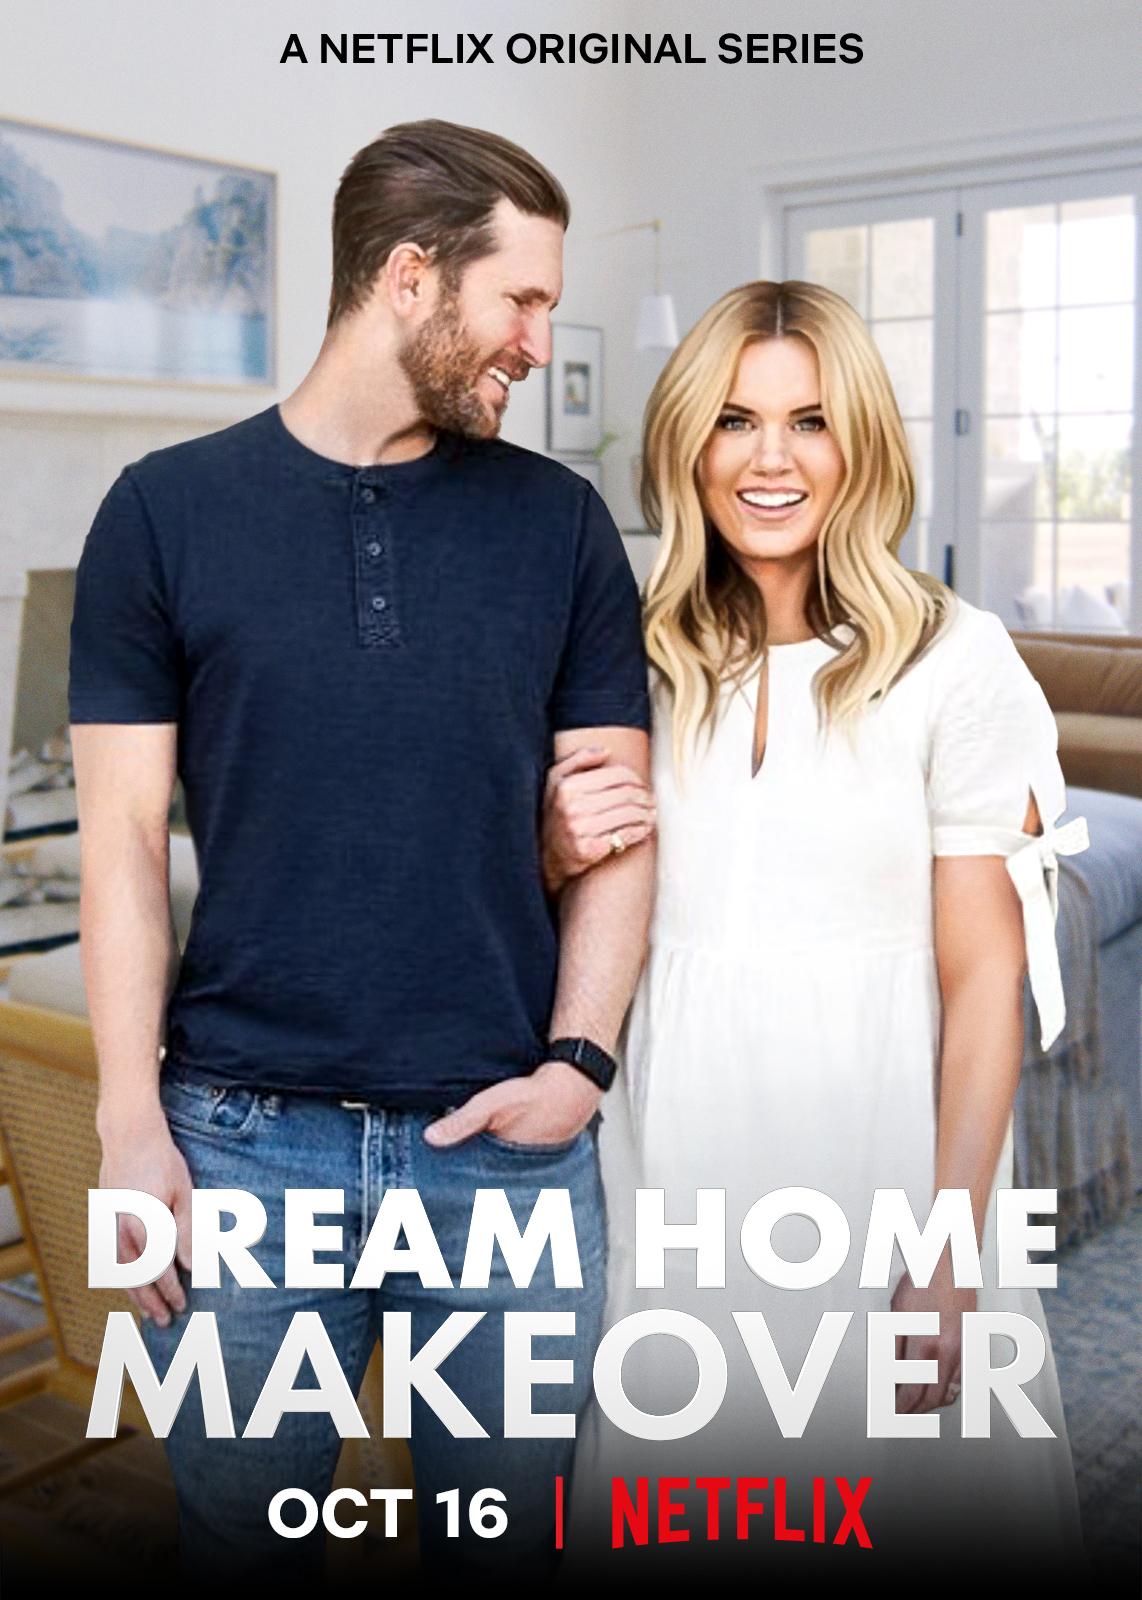 Netflix Original Series: Dream Home Makeover